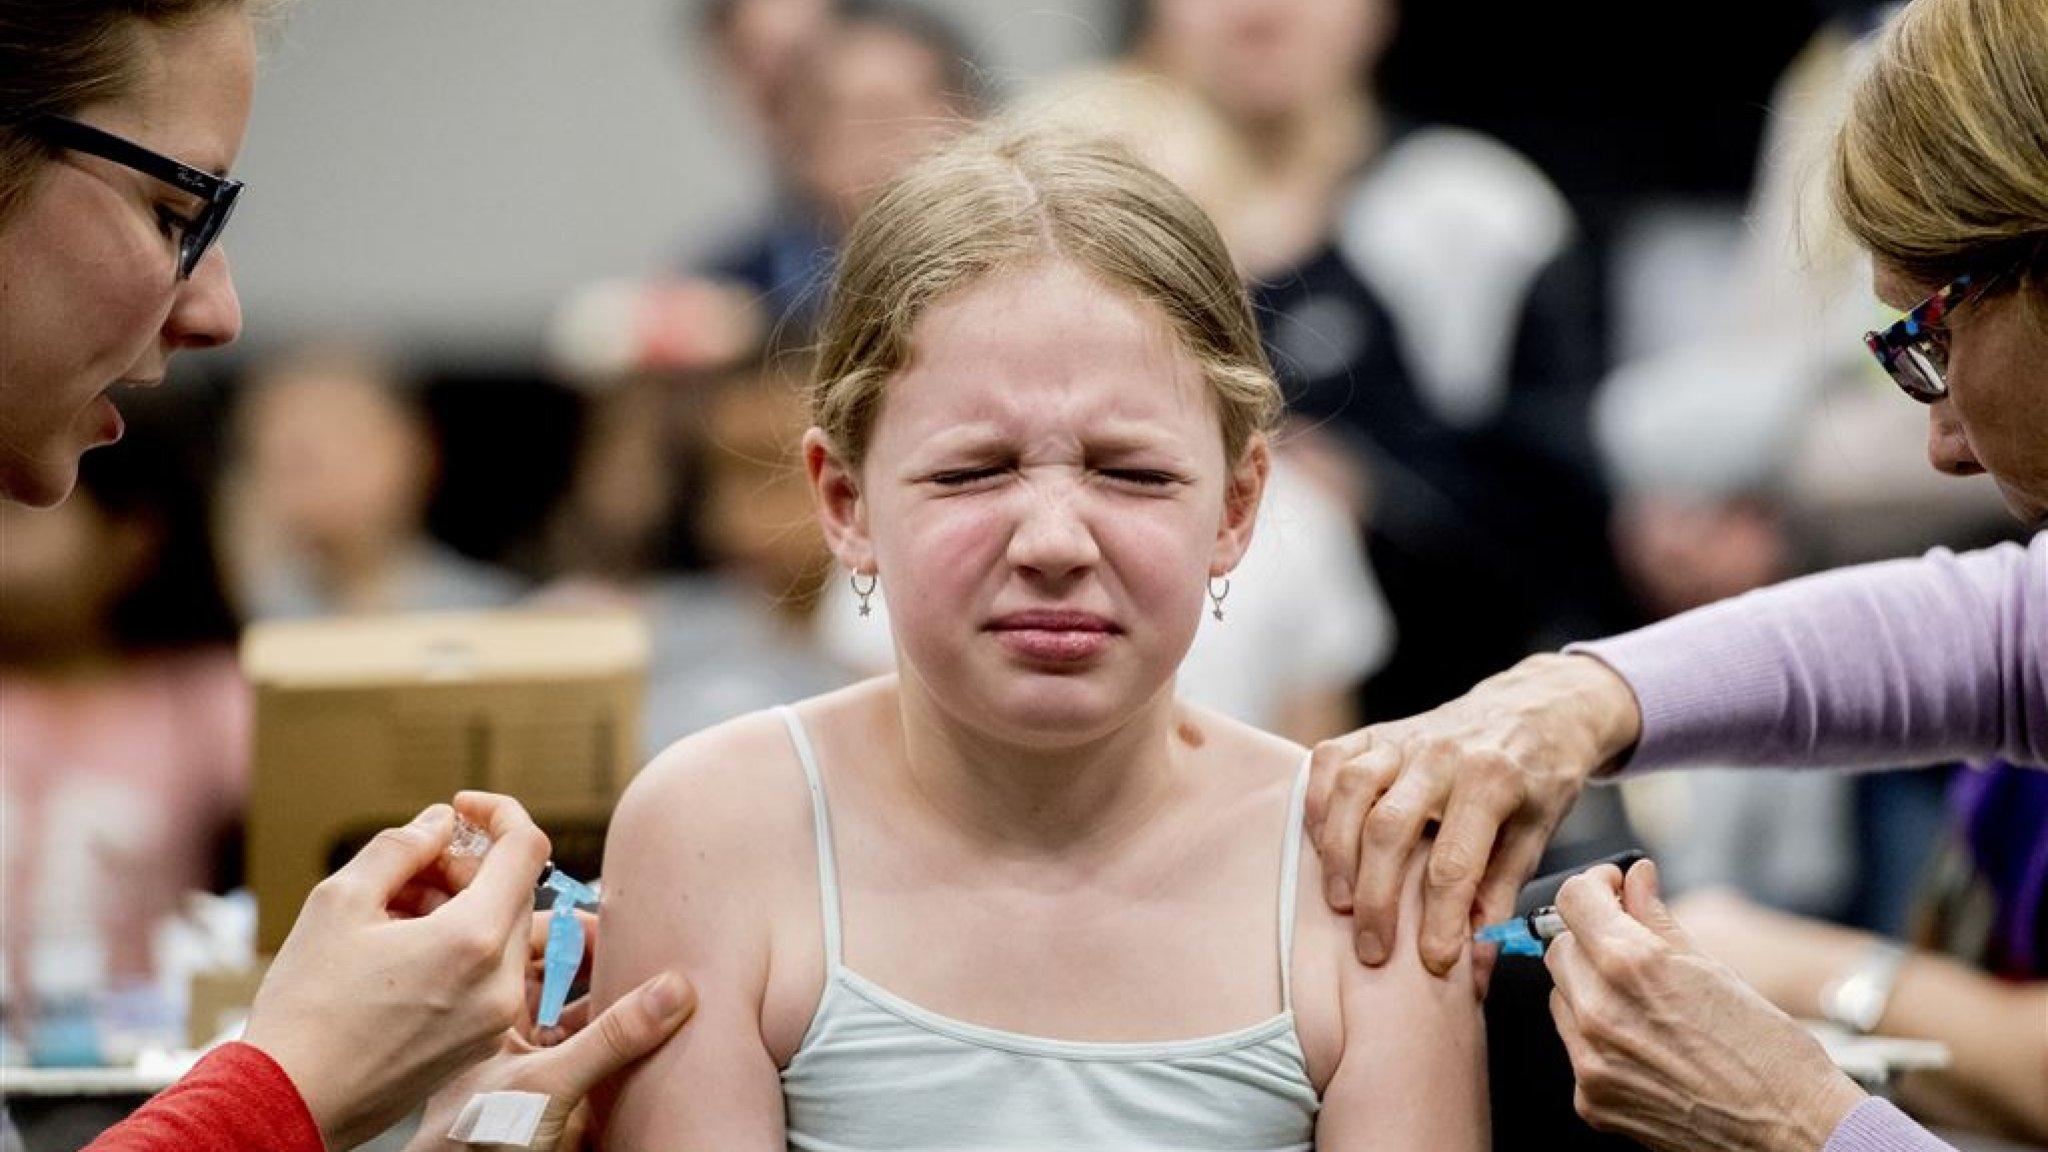 Hpv vírus overdraagbaar. A helmintus és a hemoglobin inváziója